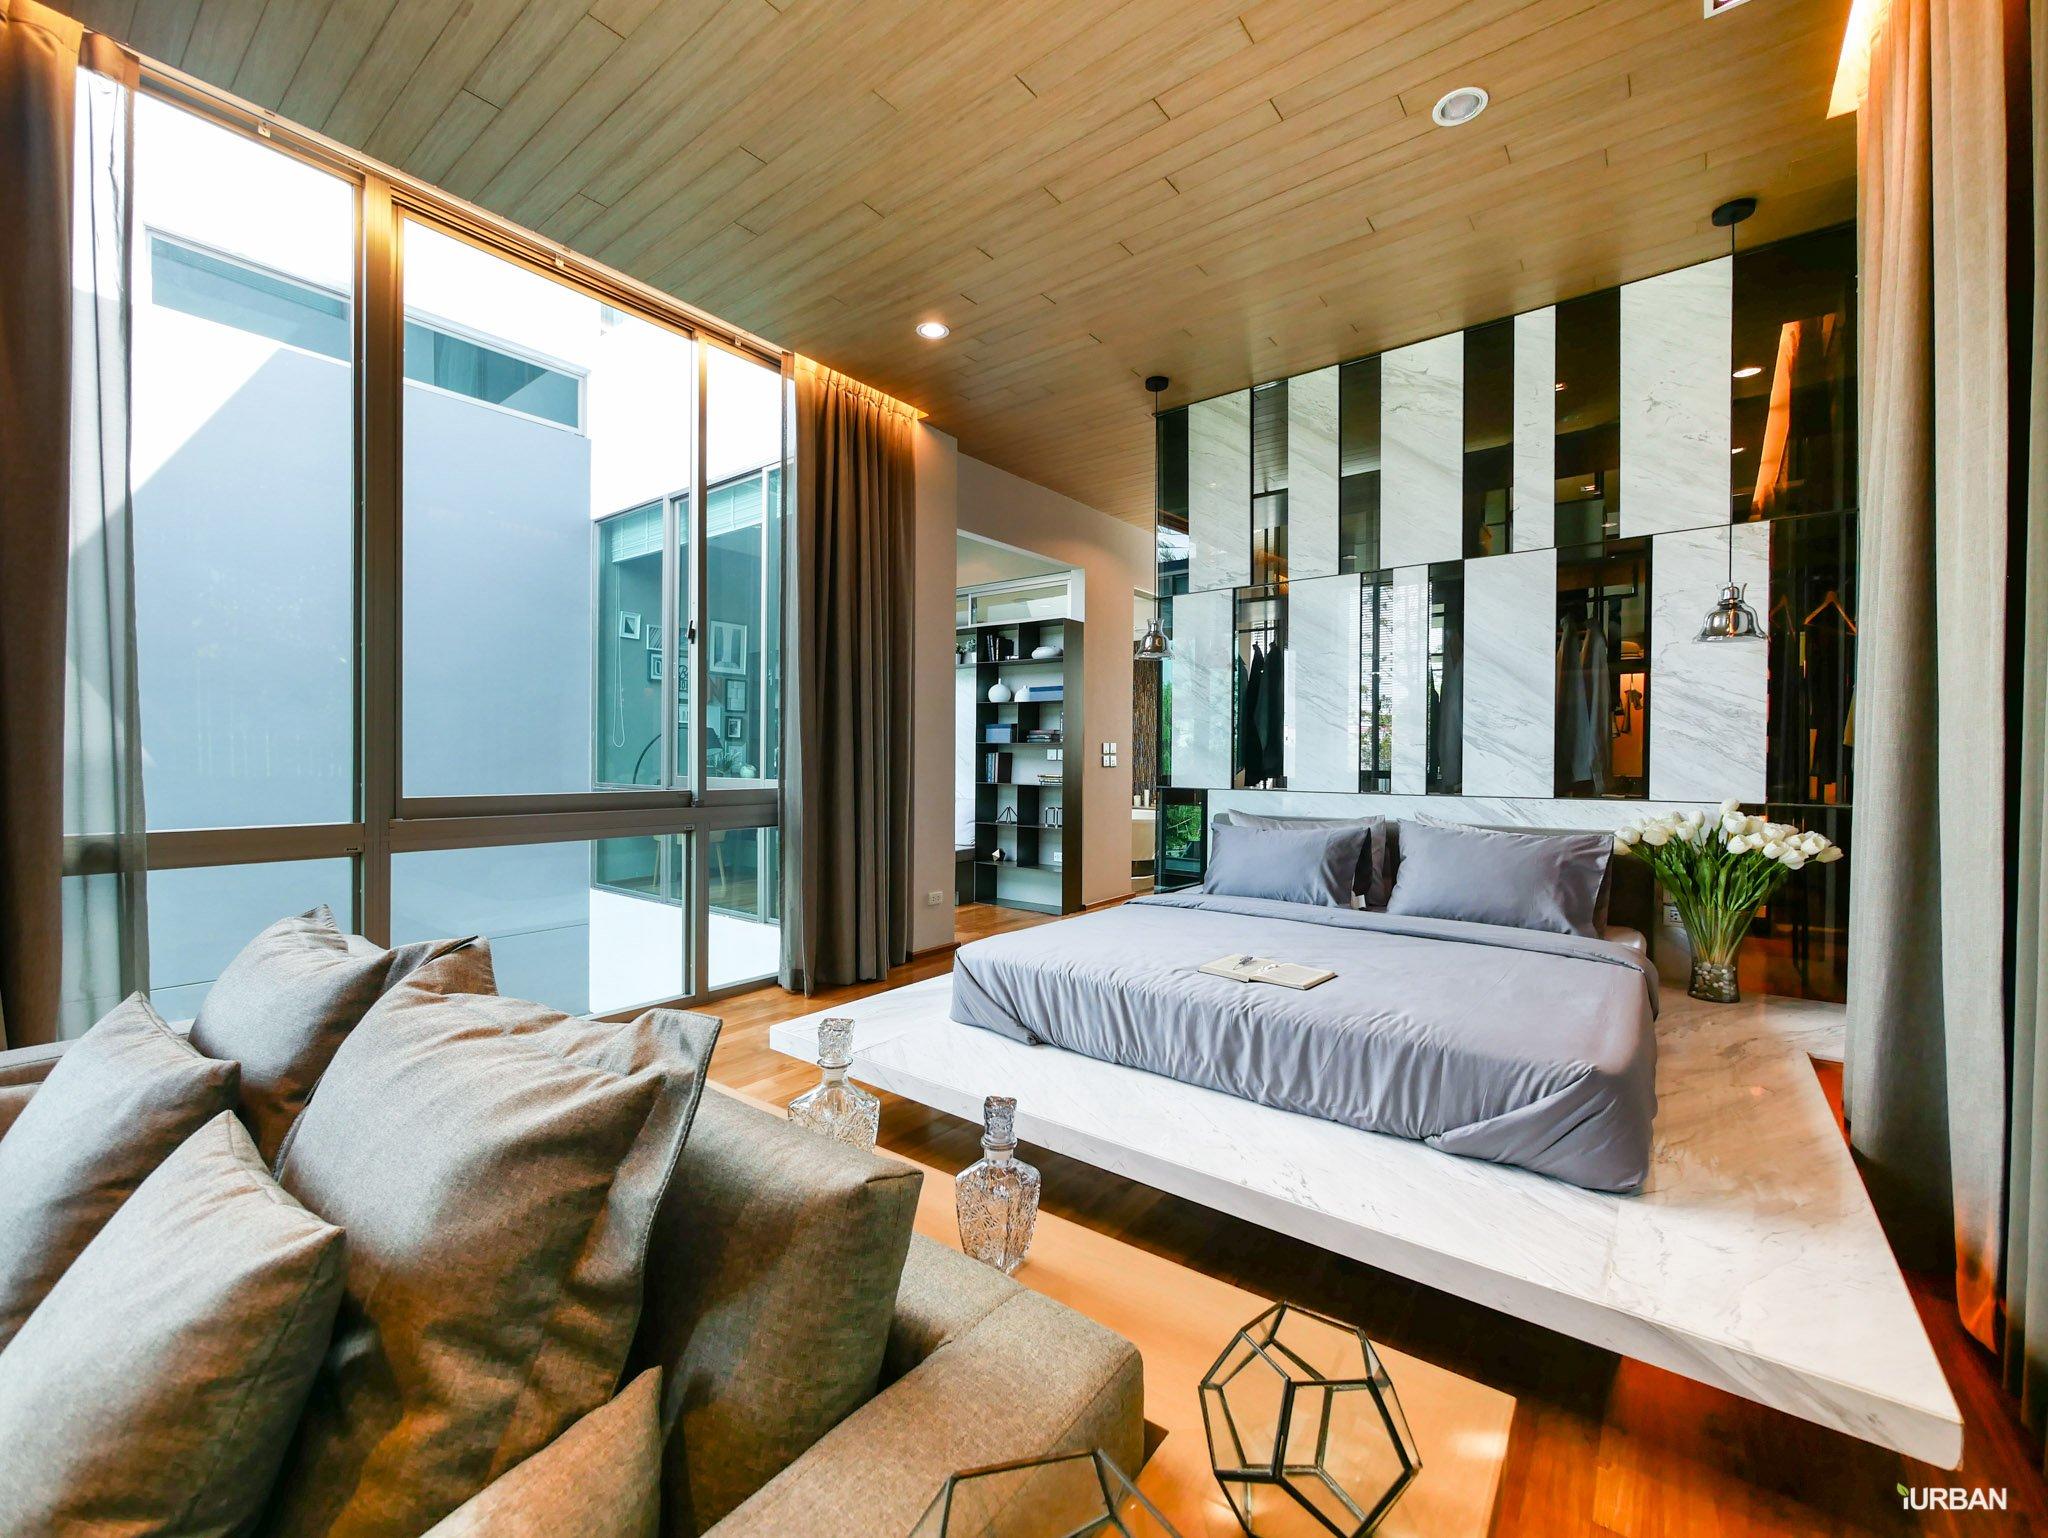 รีวิว Nirvana Beyond พระราม 2 บ้านที่ออกแบบทุกดีเทลเพื่อความสุขทุก GEN ของครอบครัวใหญ่ 109 - Beyond